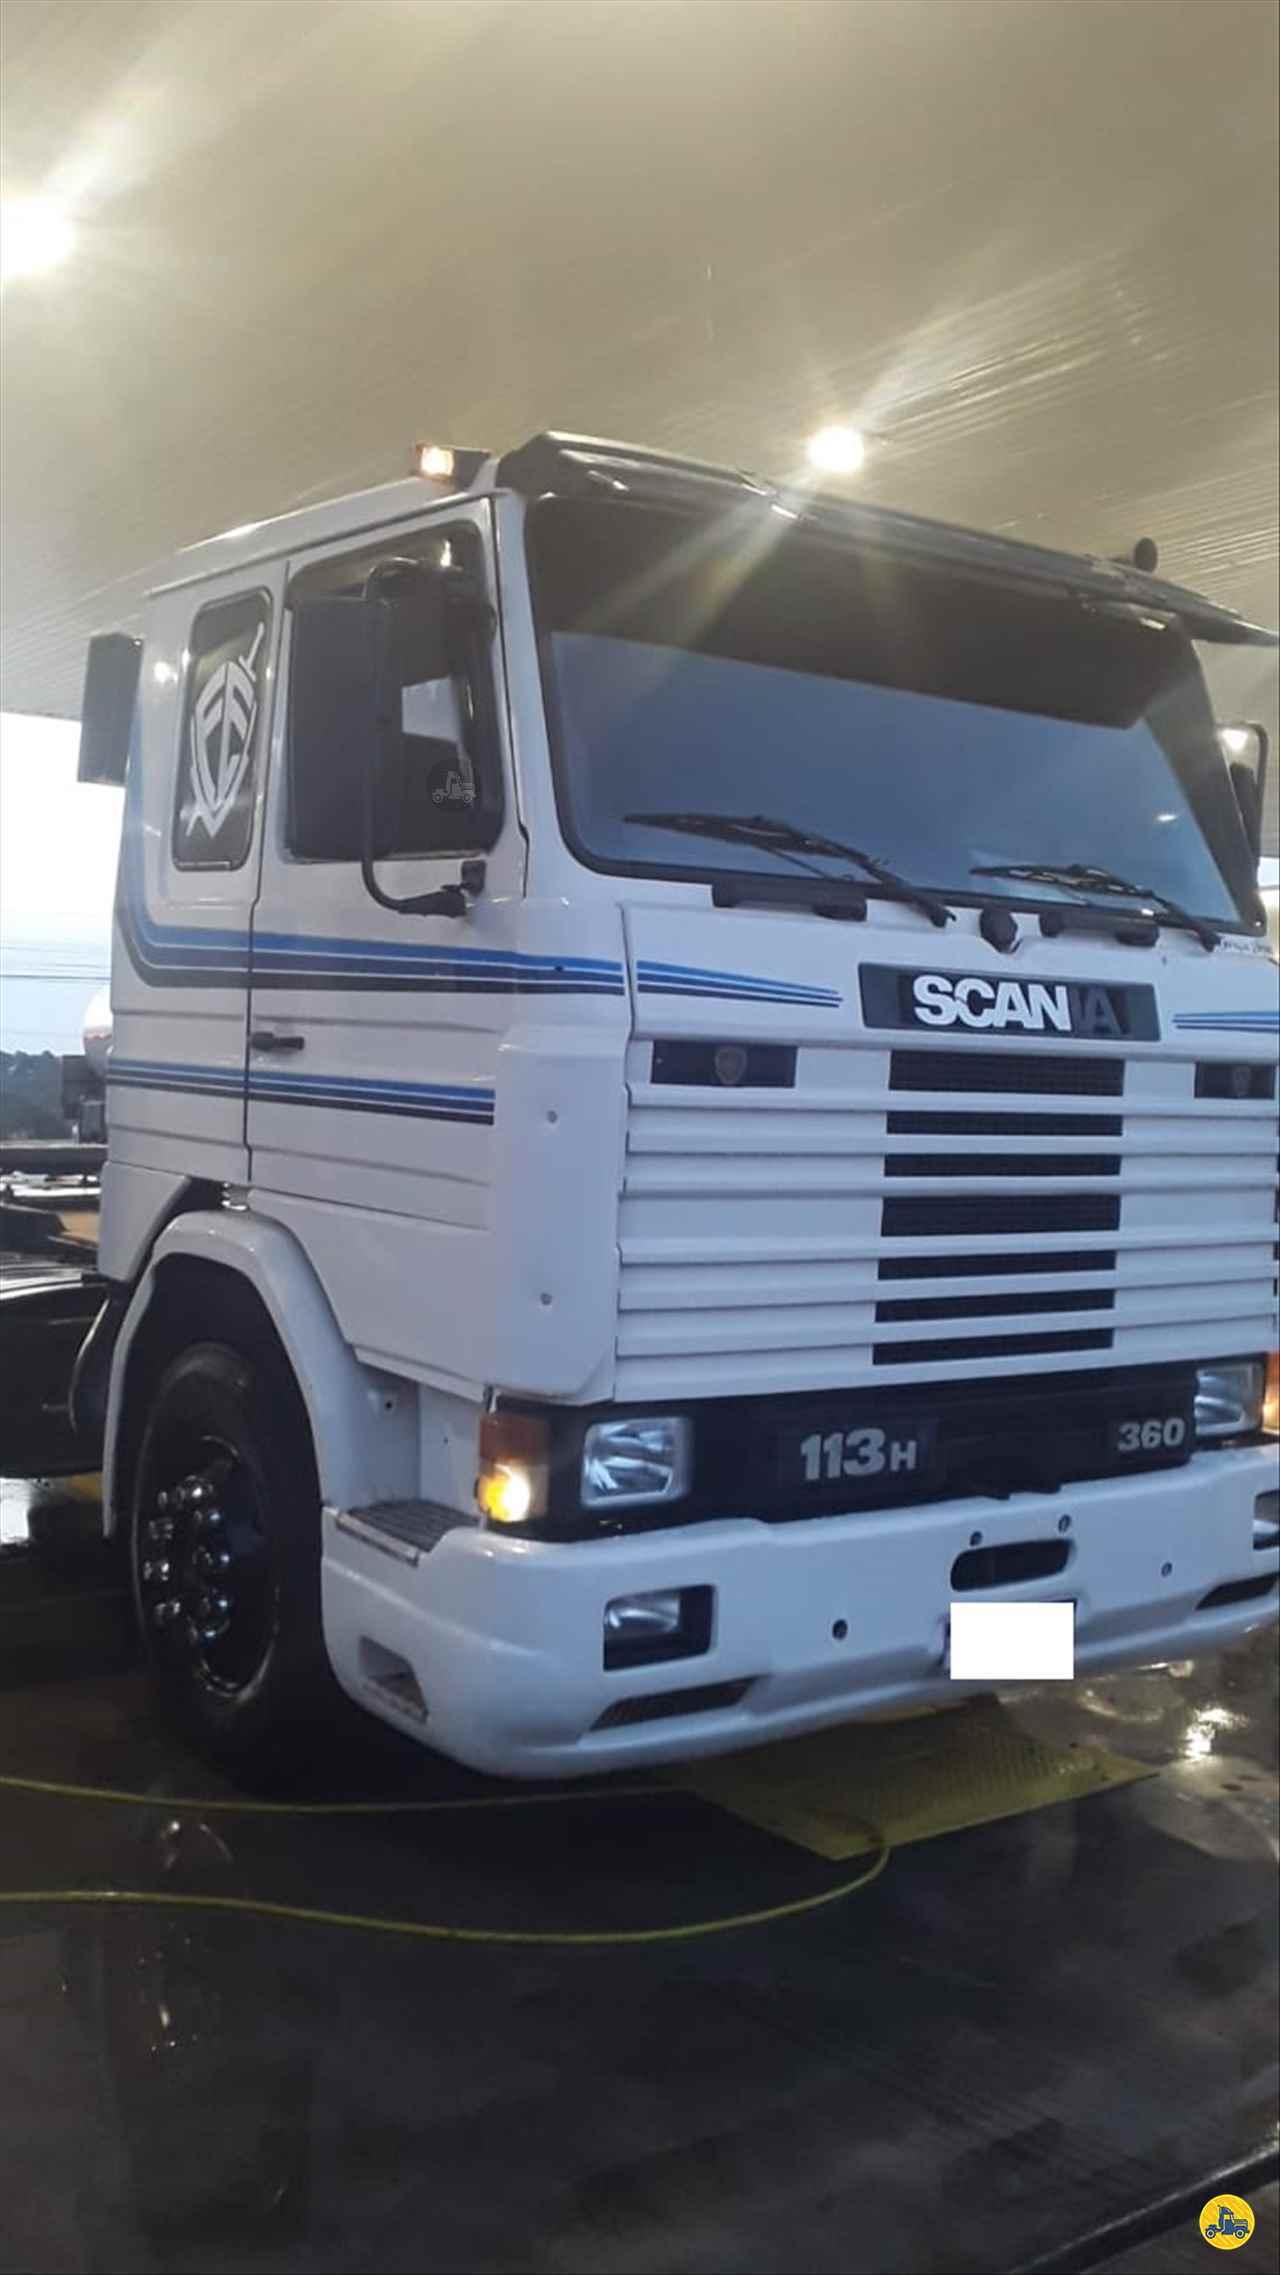 CAMINHAO SCANIA SCANIA 113 360 Cavalo Mecânico Truck 6x2 Transmap Caminhões SANTA ROSA RIO GRANDE DO SUL RS